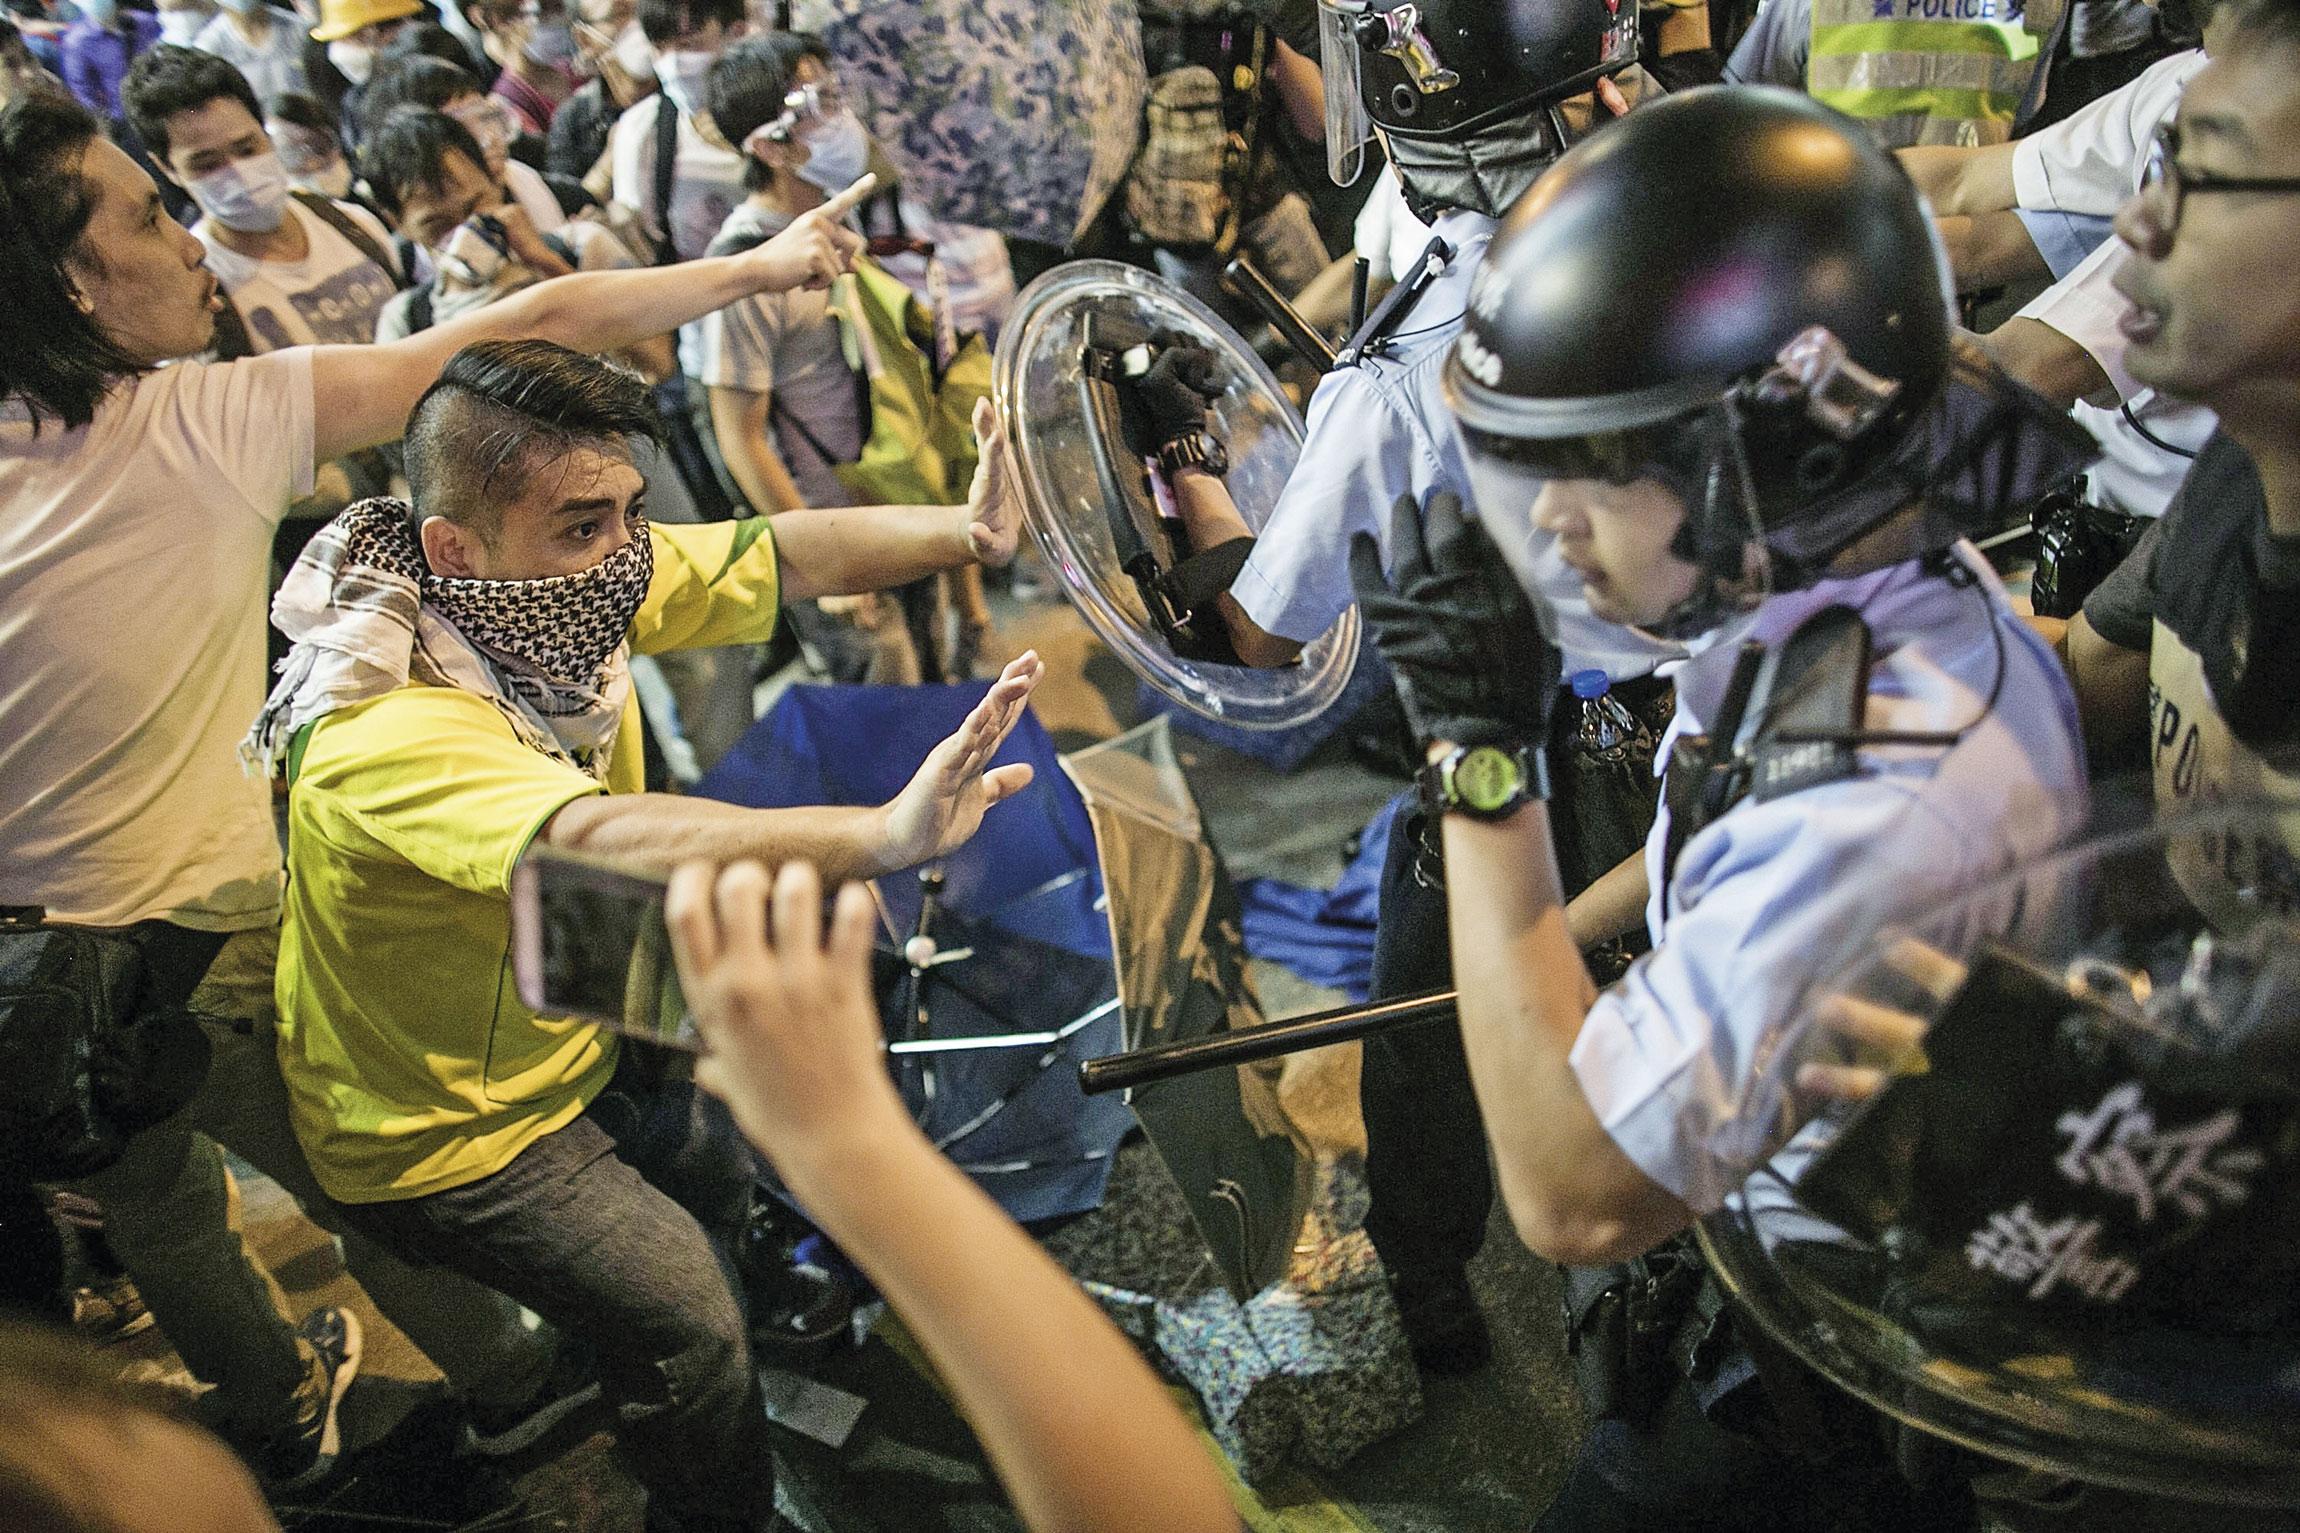 梁振英在2014年佔中期間的強硬風格,一直備受爭議。圖為當時抗議者和警方的對峙場景。